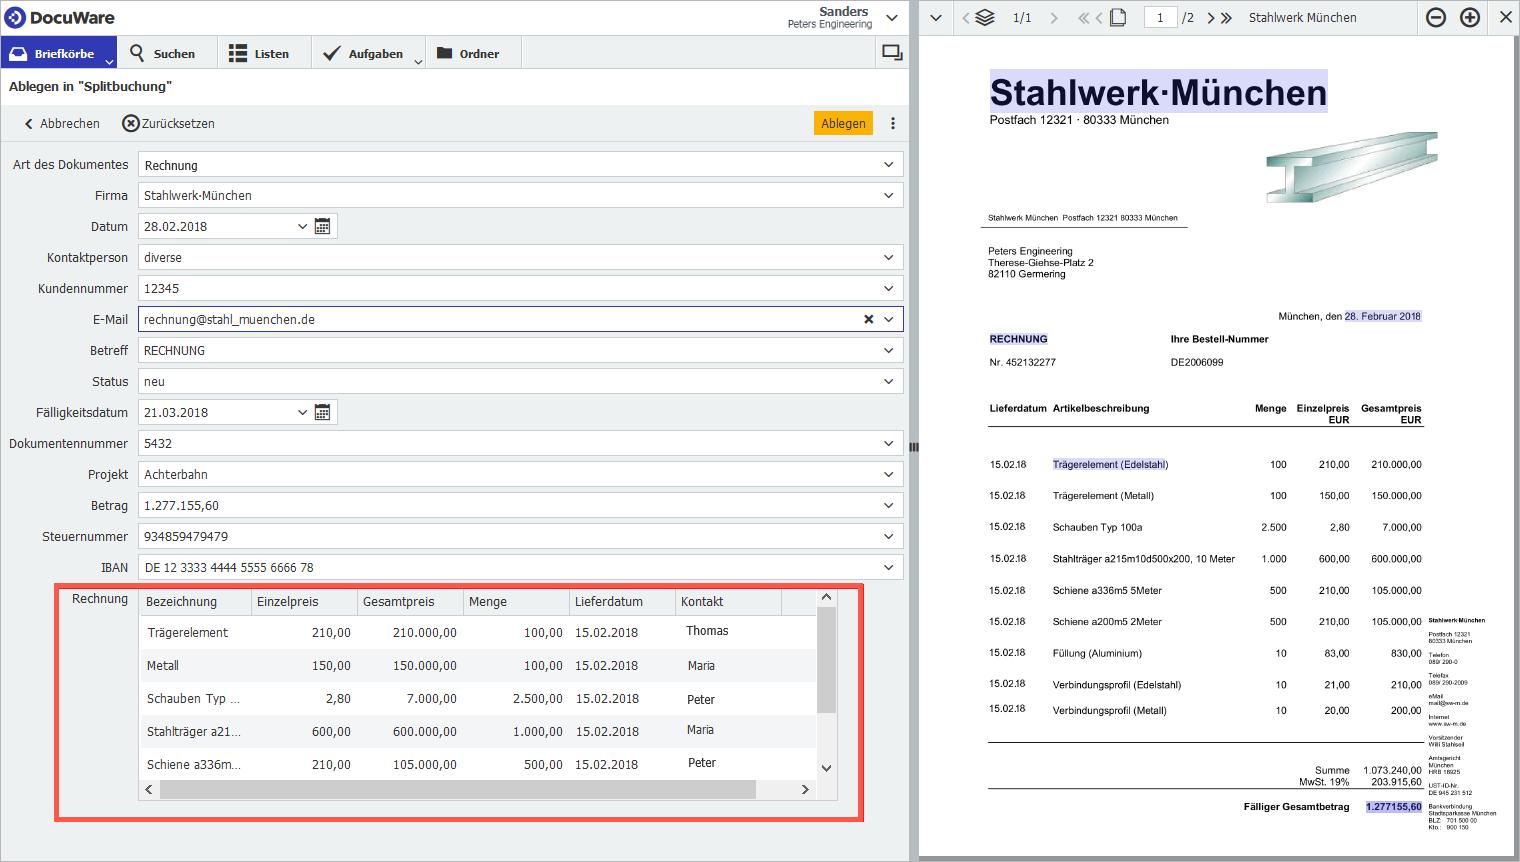 Ein Tabellenfeld setzt sich aus mehreren Feldern zusammen, die im Web Client als Spalten der Tabelle angezeigt werden.